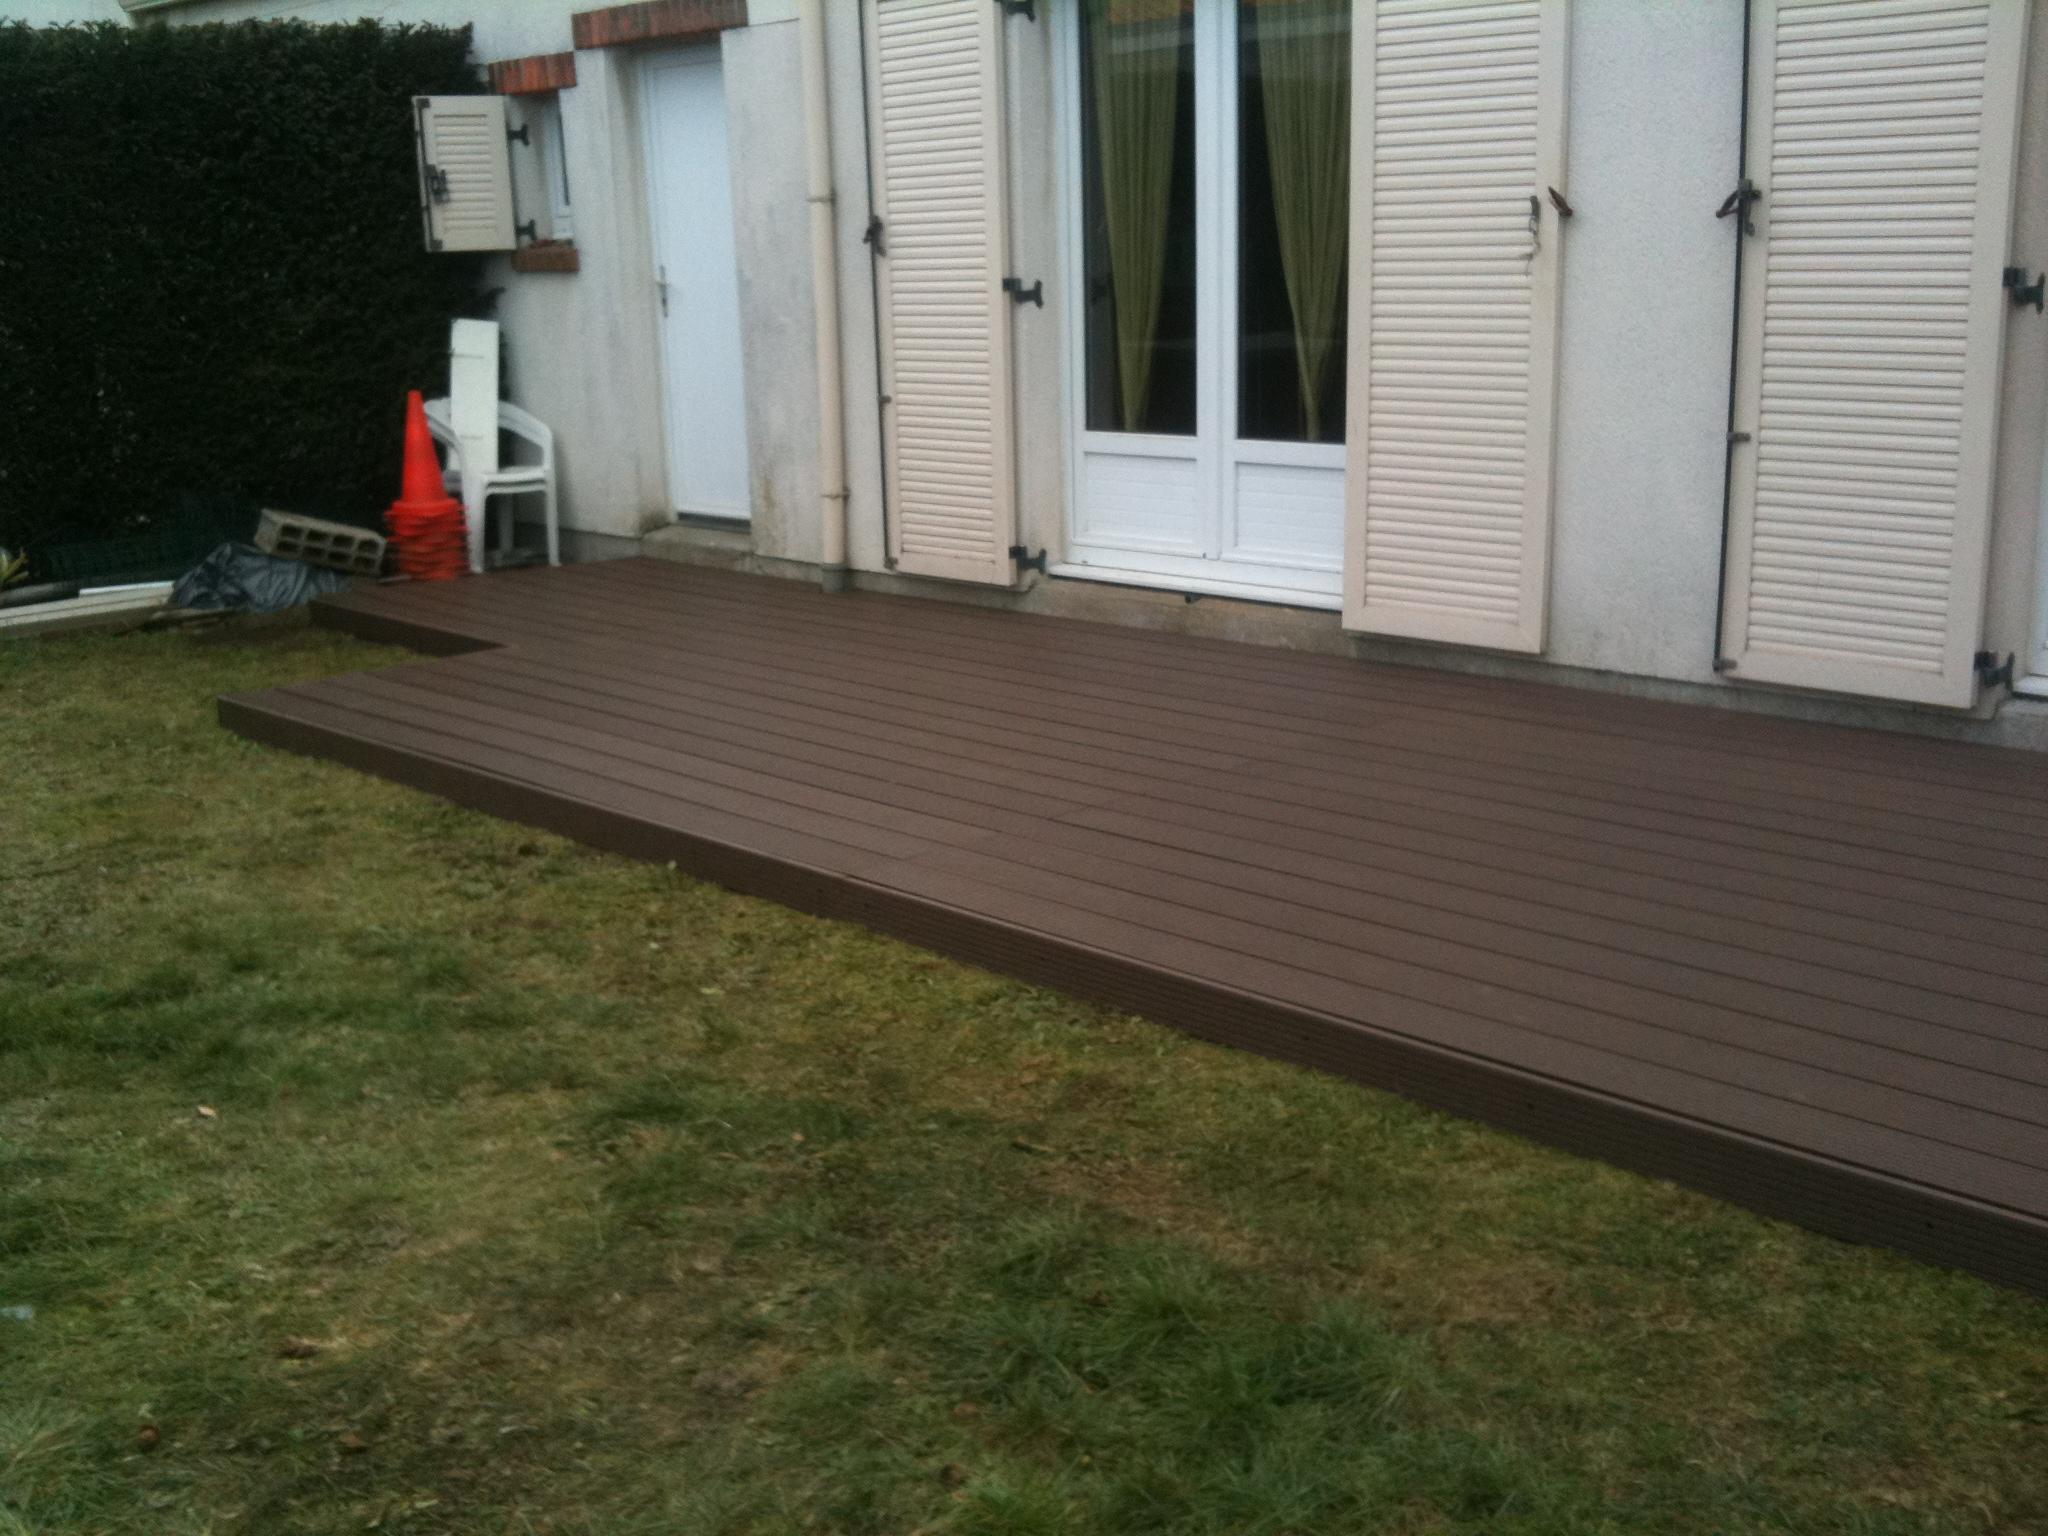 Chantier de la terrasse en bois composite terminé.